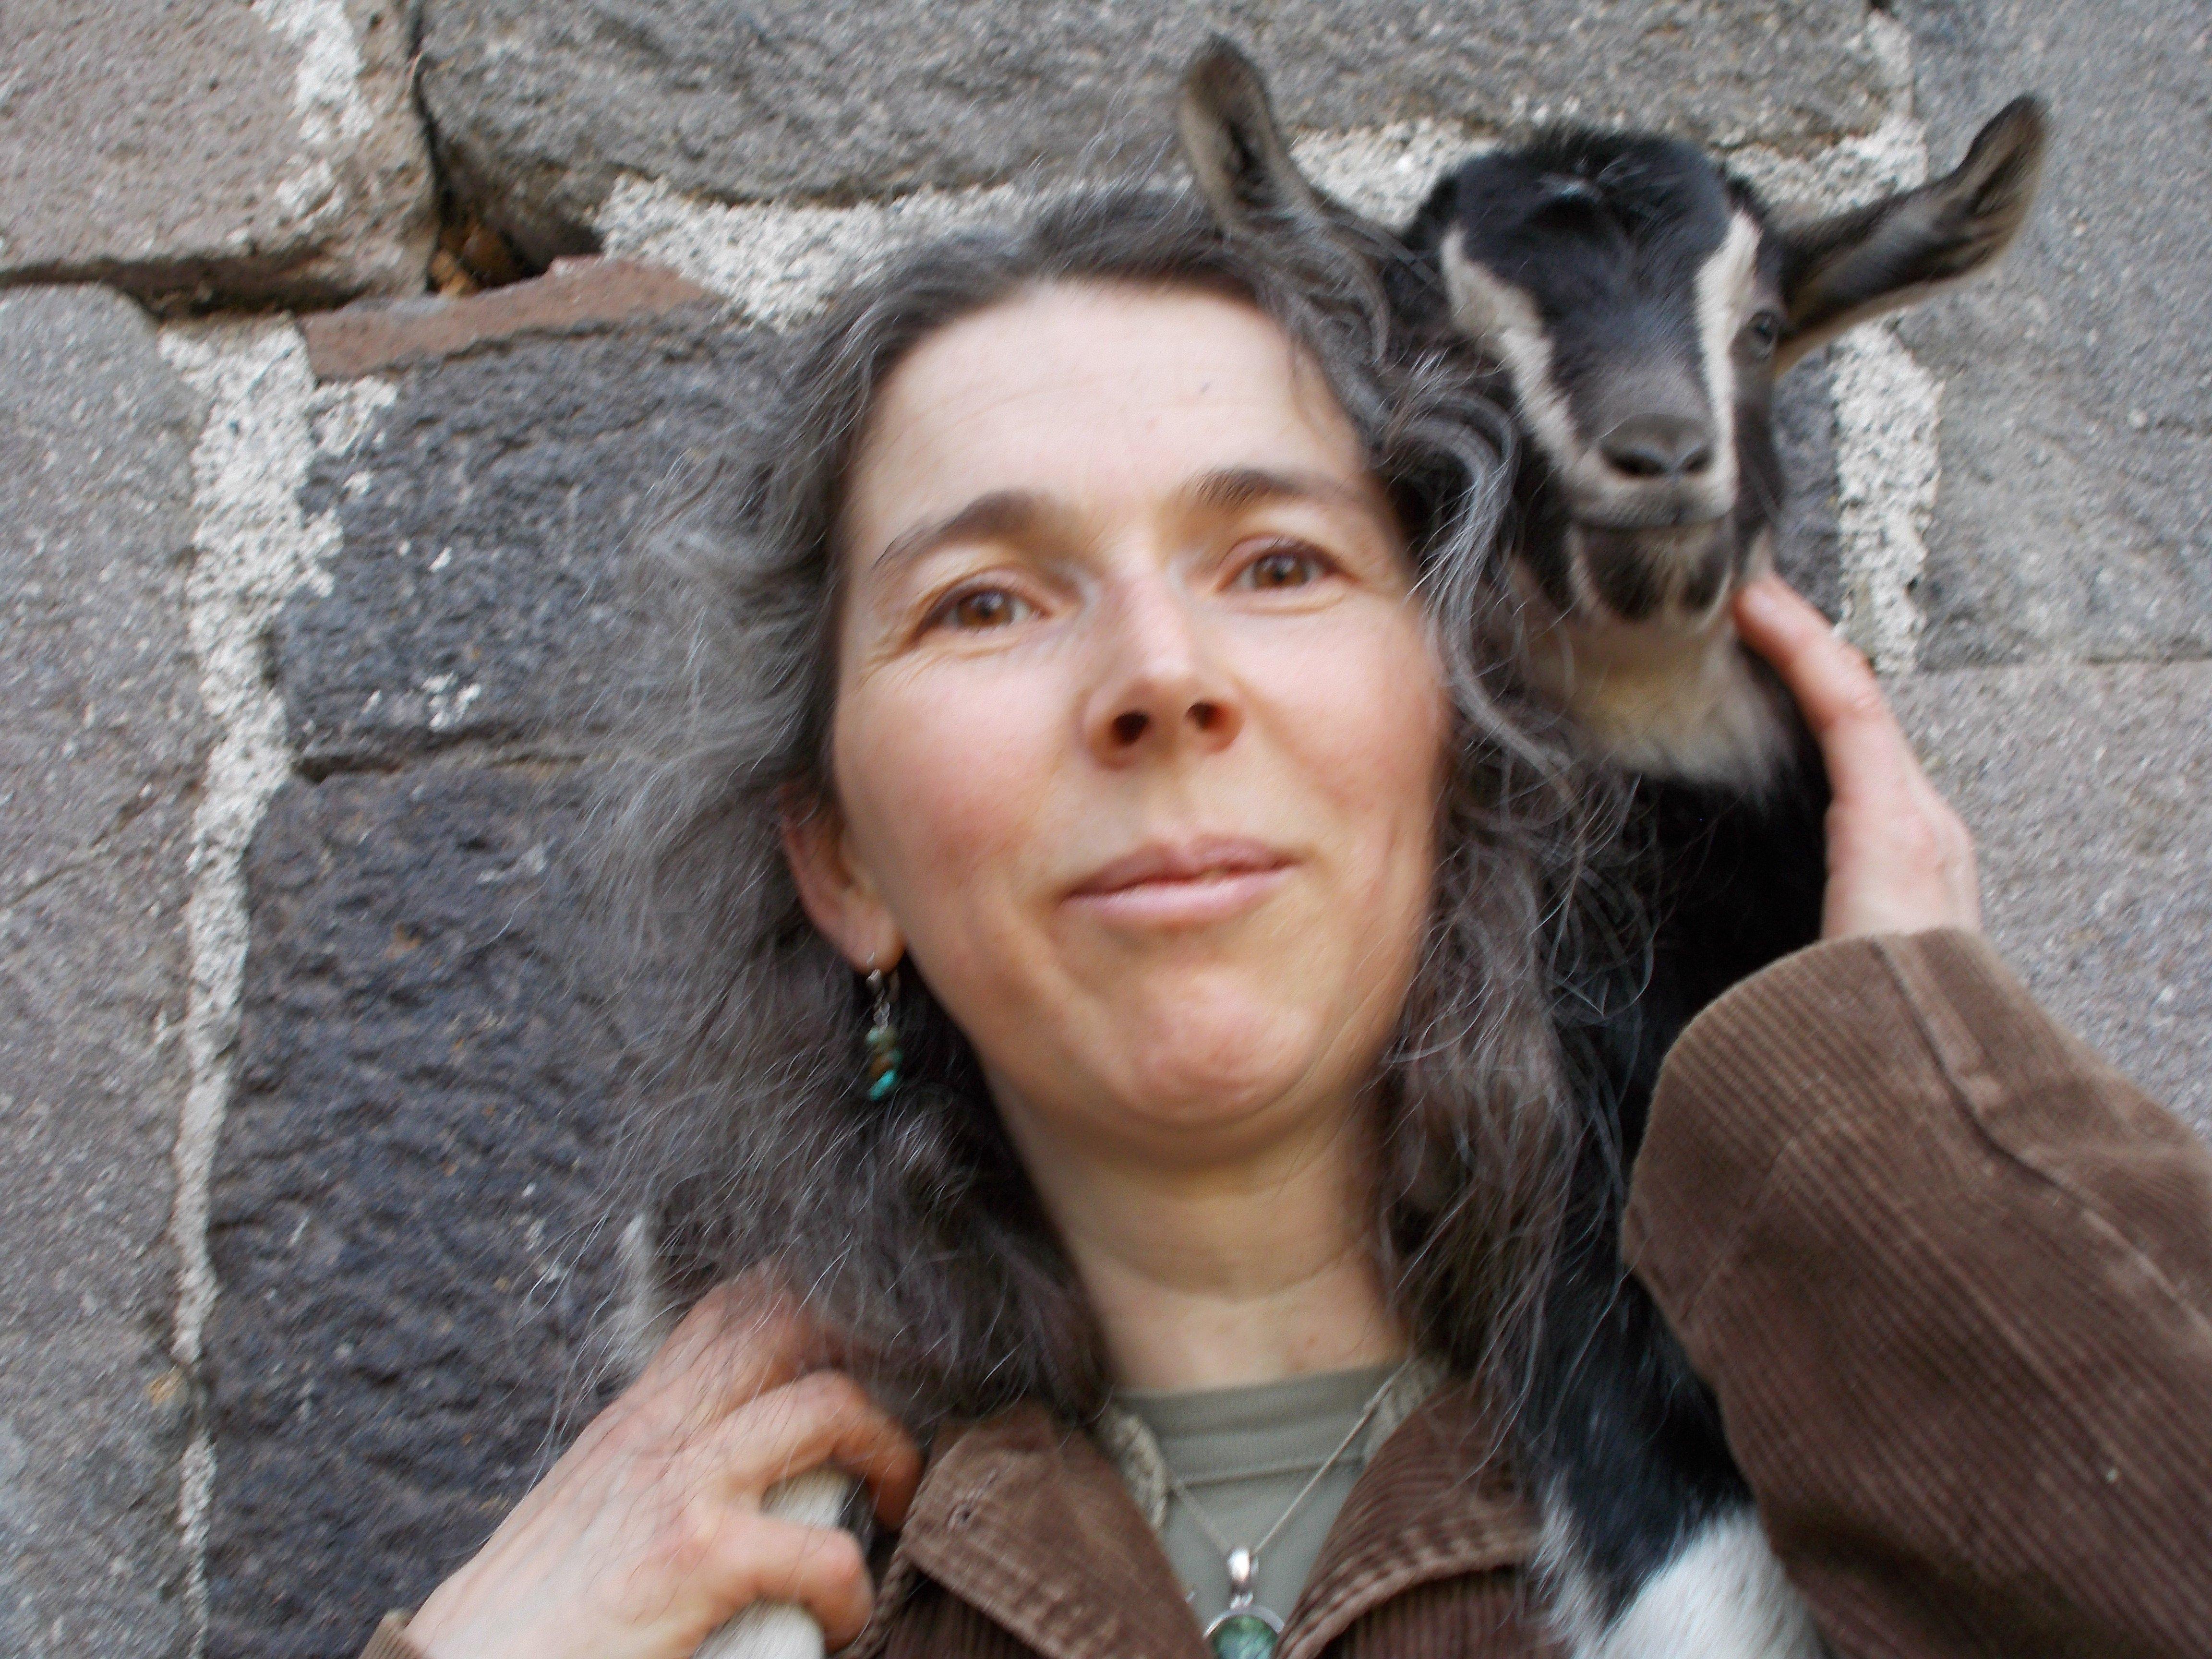 la laine de nos moutons r sultats de recherche cardeuse laine mouton. Black Bedroom Furniture Sets. Home Design Ideas